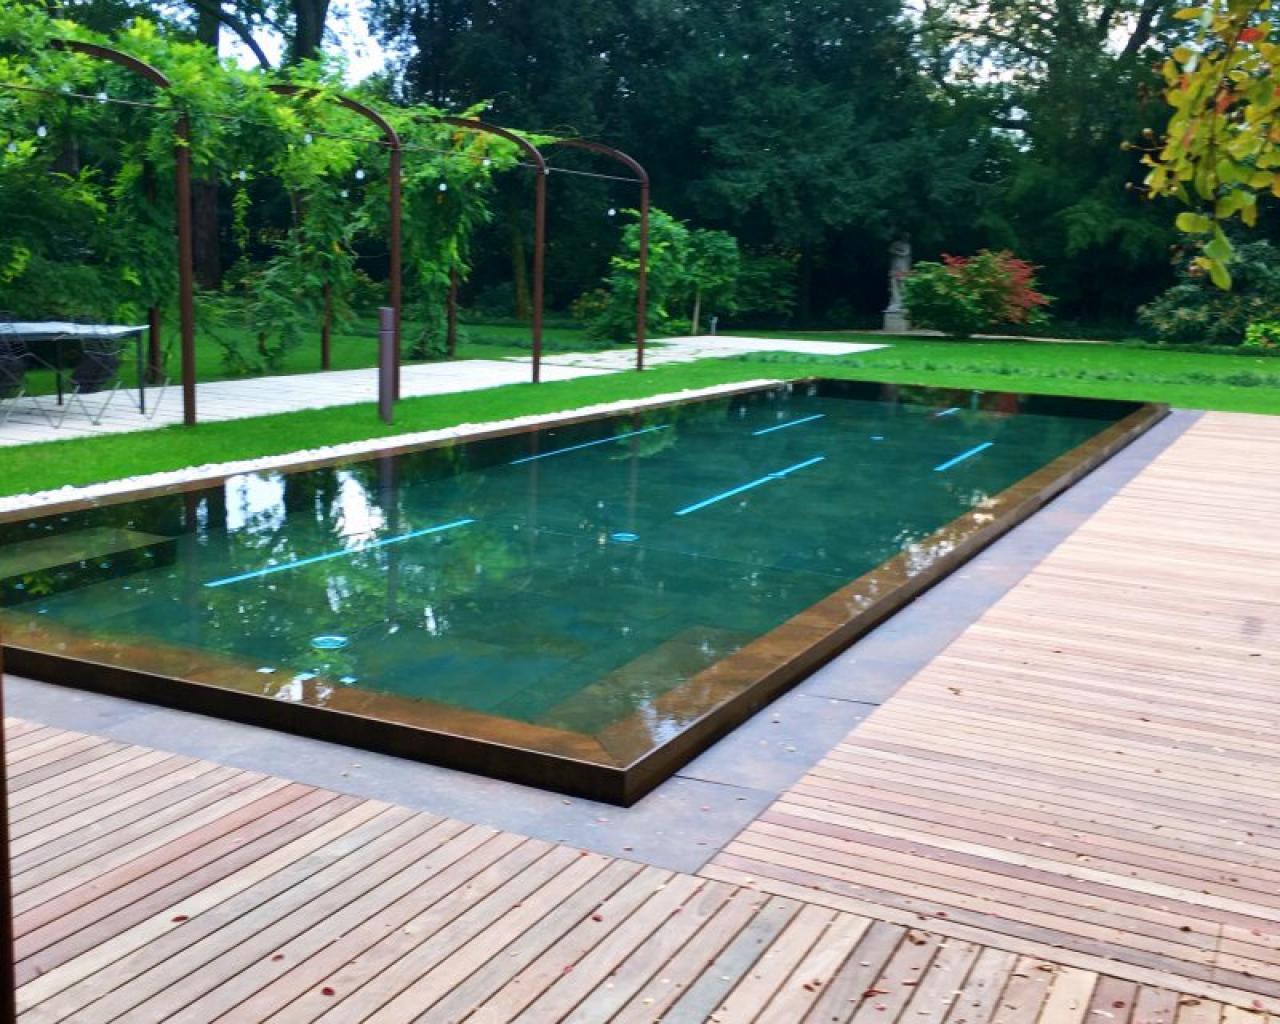 Acqua Azzurra Piscine la piscina: consigli, risposte, contenuti | fratelli pellizzari